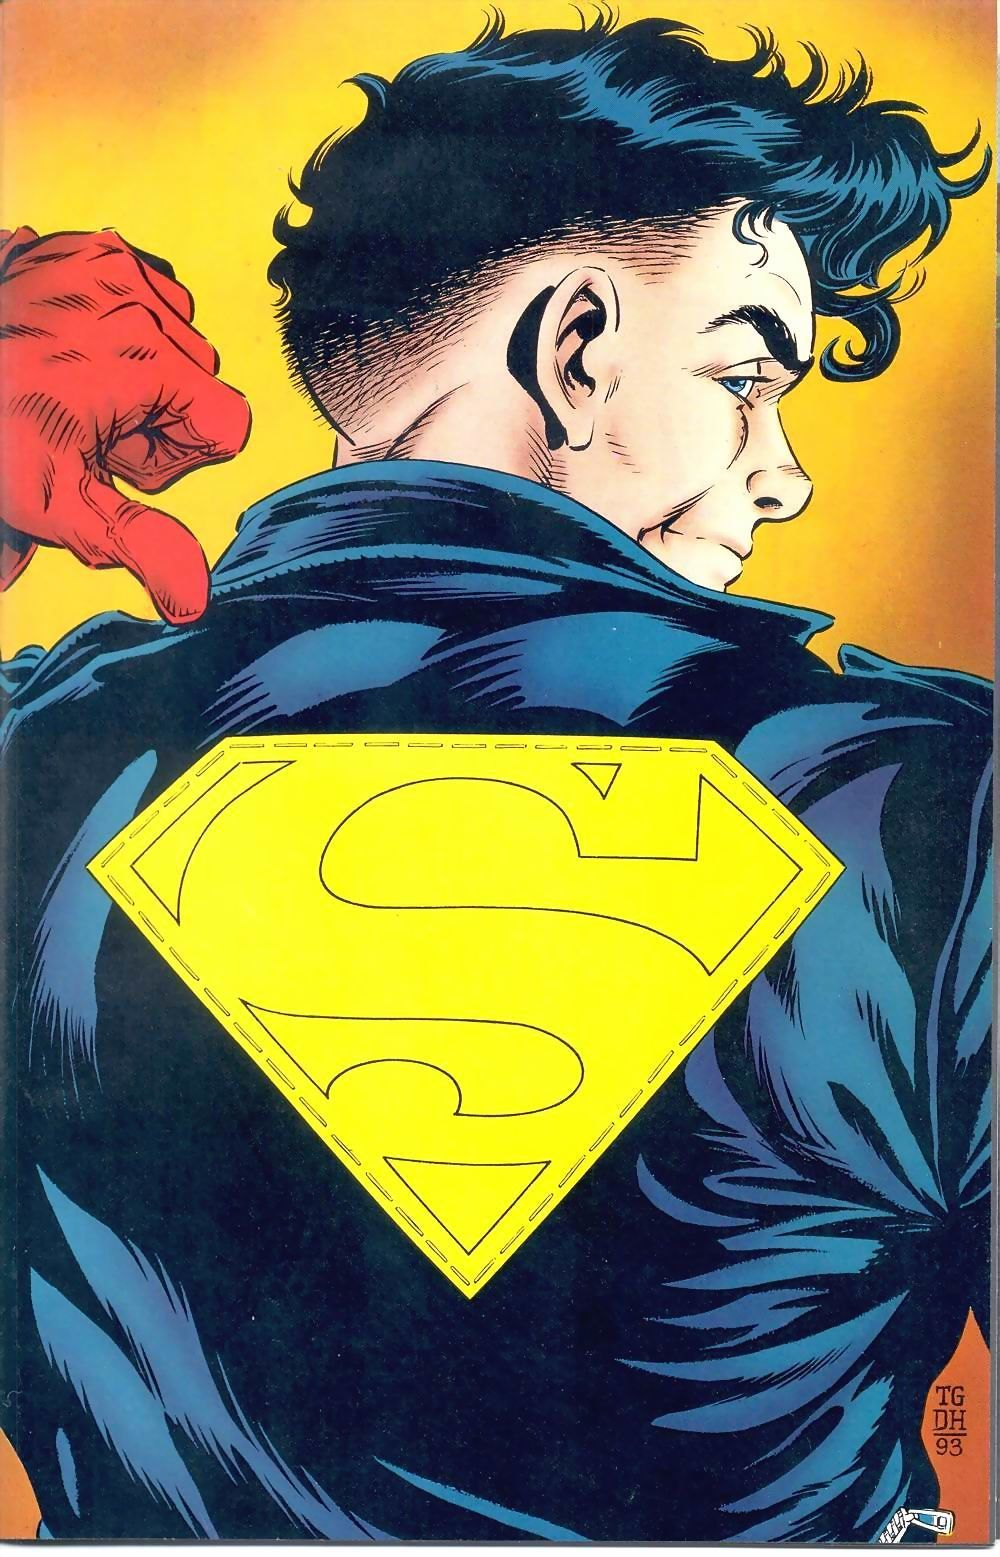 Adventures of Superman #501 (Art by Tom Grummett, Written by Karl Kesel)